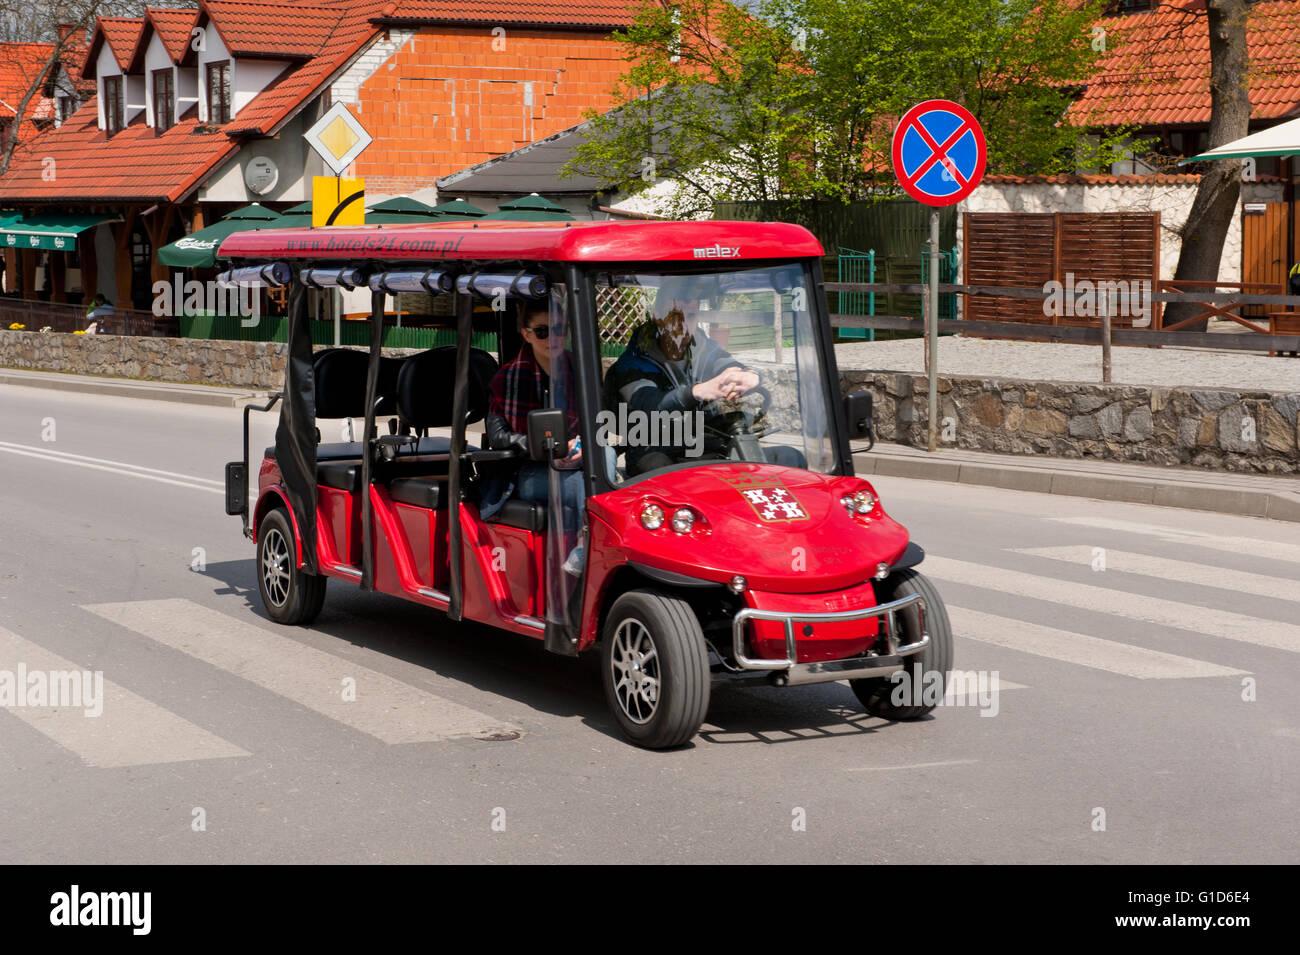 Passagers en excursion melex rouge Kazimierz Dolny, Pologne, Europe, voiture électrique véhicule avec Photo Stock